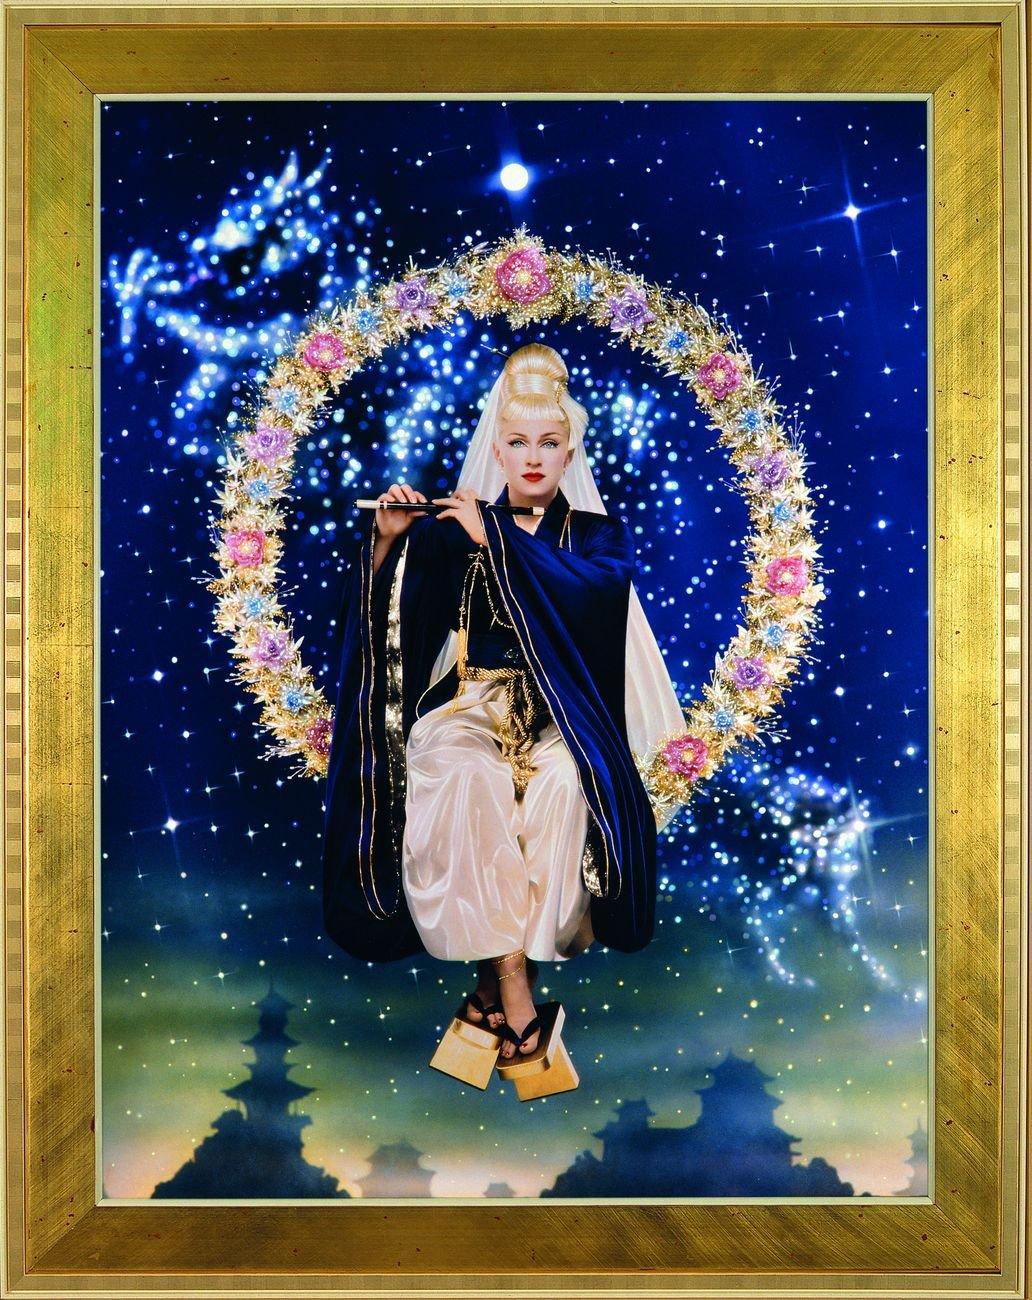 Pierre et Gilles, Legend (Madonna), 1995. Collezione privata © Pierre et Gilles